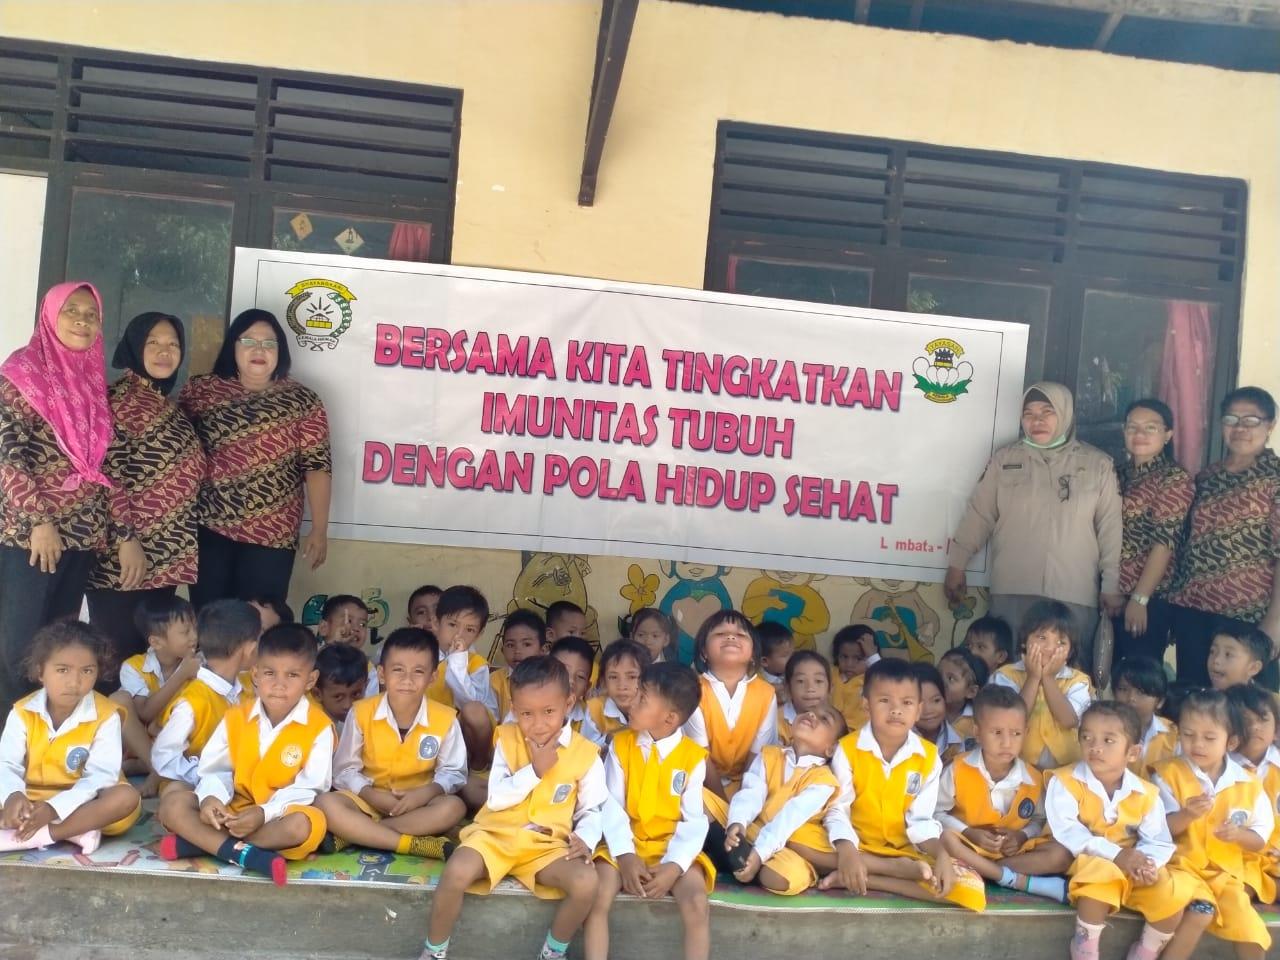 Peduli kesehatan murid TK Kemala Bhayangkari 10, Pengurus Yayasan Kemala Bhayangkari Cabang Lembata lakukan ini